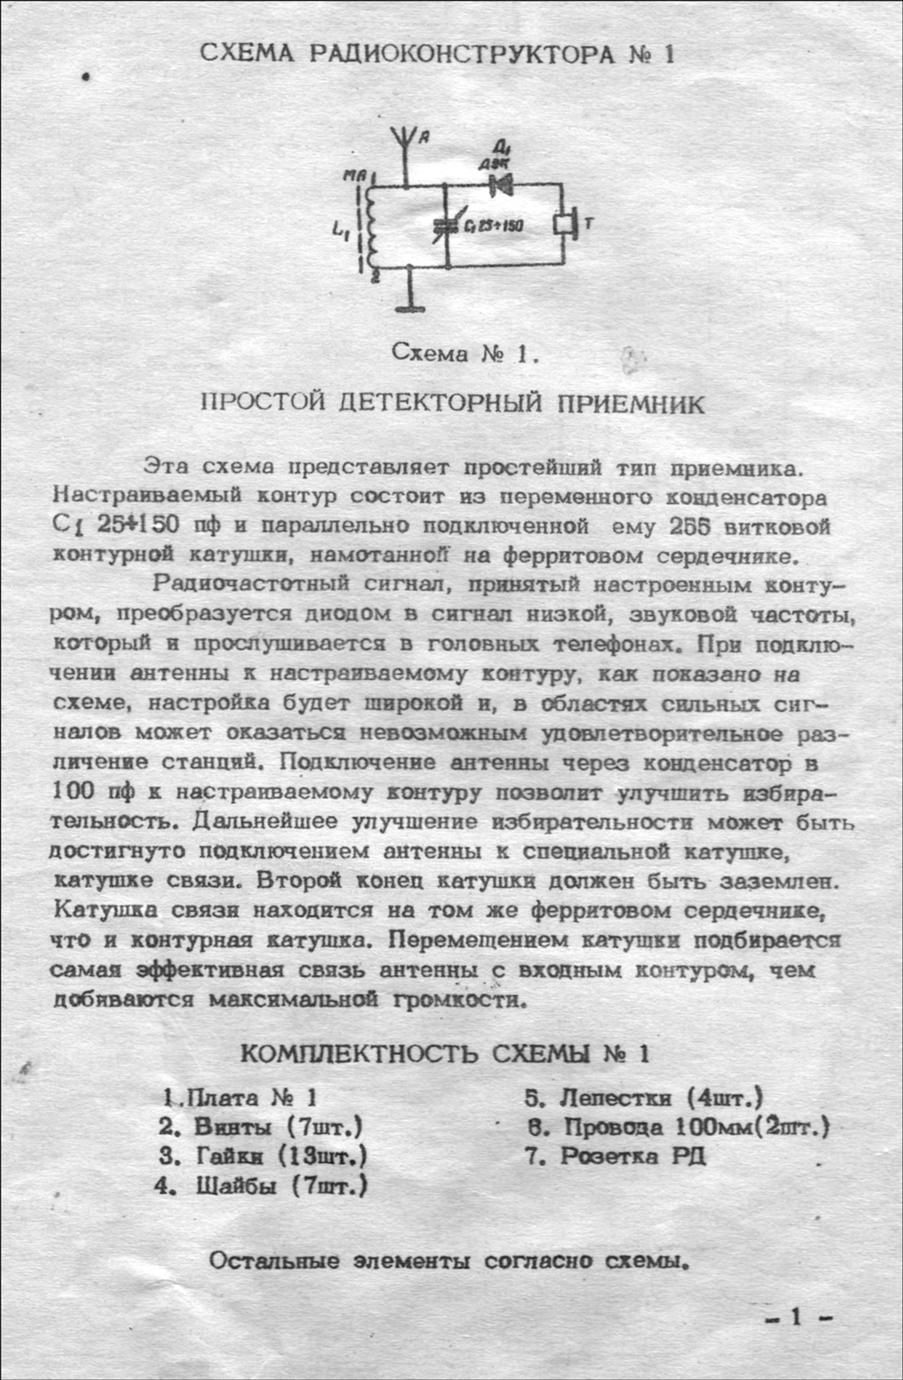 Shema_1_PROSTOI_DETEKTORNYI_PRIEMNIK-1.j